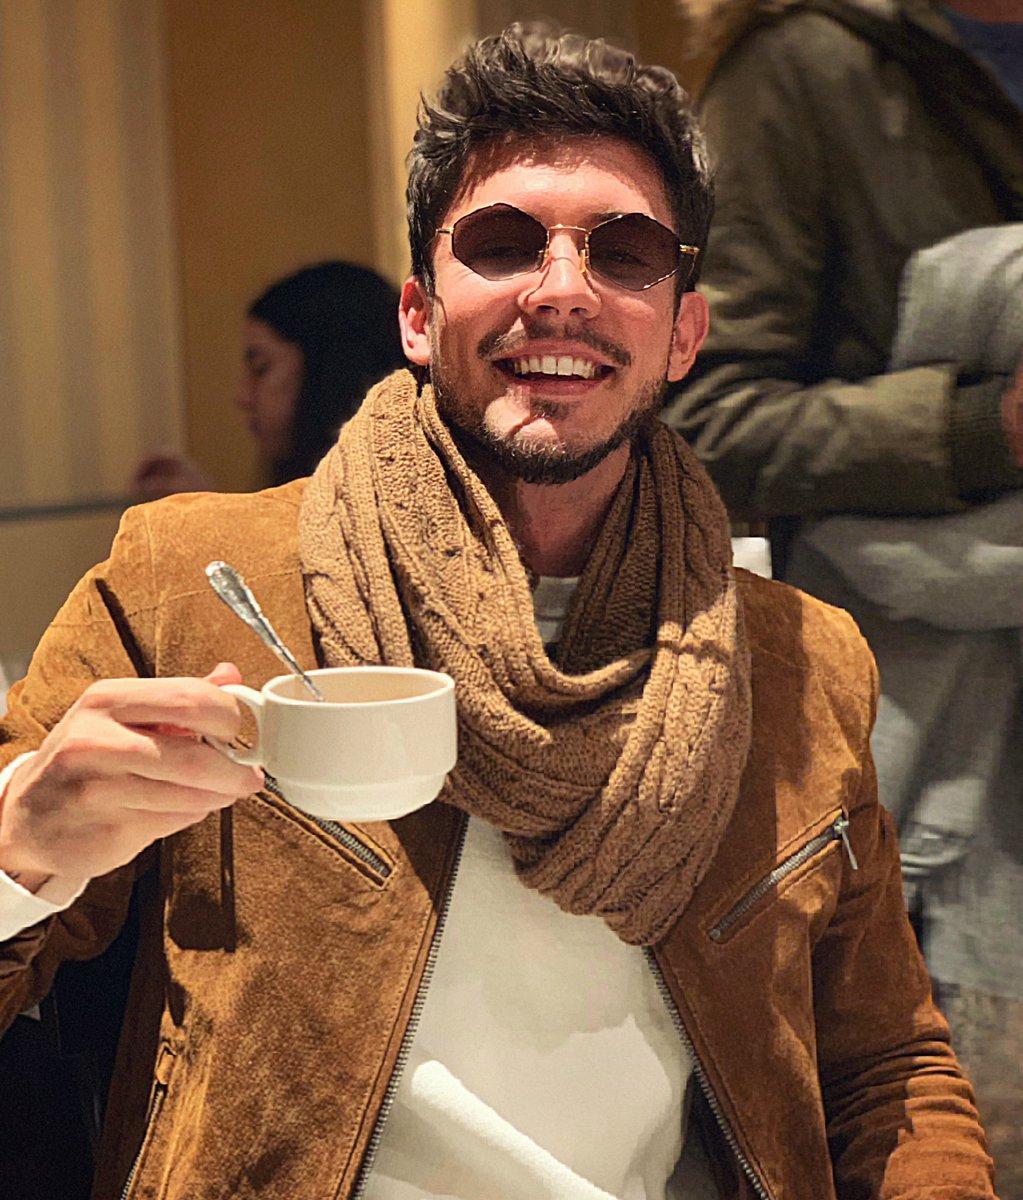 Buenos días, buenas tardes que más da. Nos vemos hoy en los #PremiosForqué en @rtve 👌🏼 https://t.co/2m0Yjtc4Ij